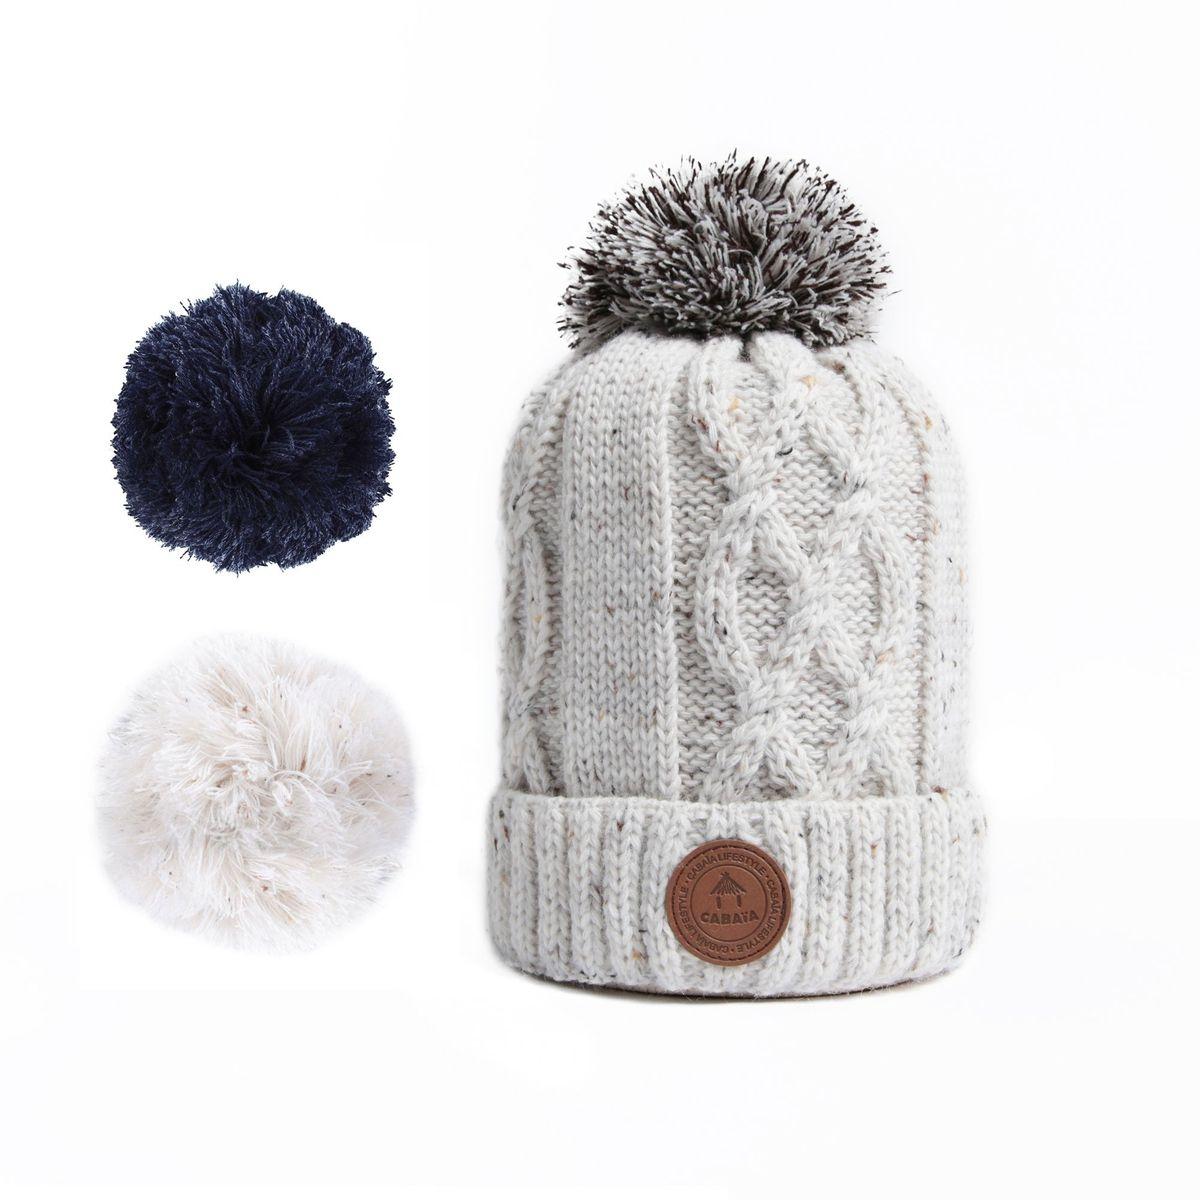 1 bonnet + 3 pompons aimantés